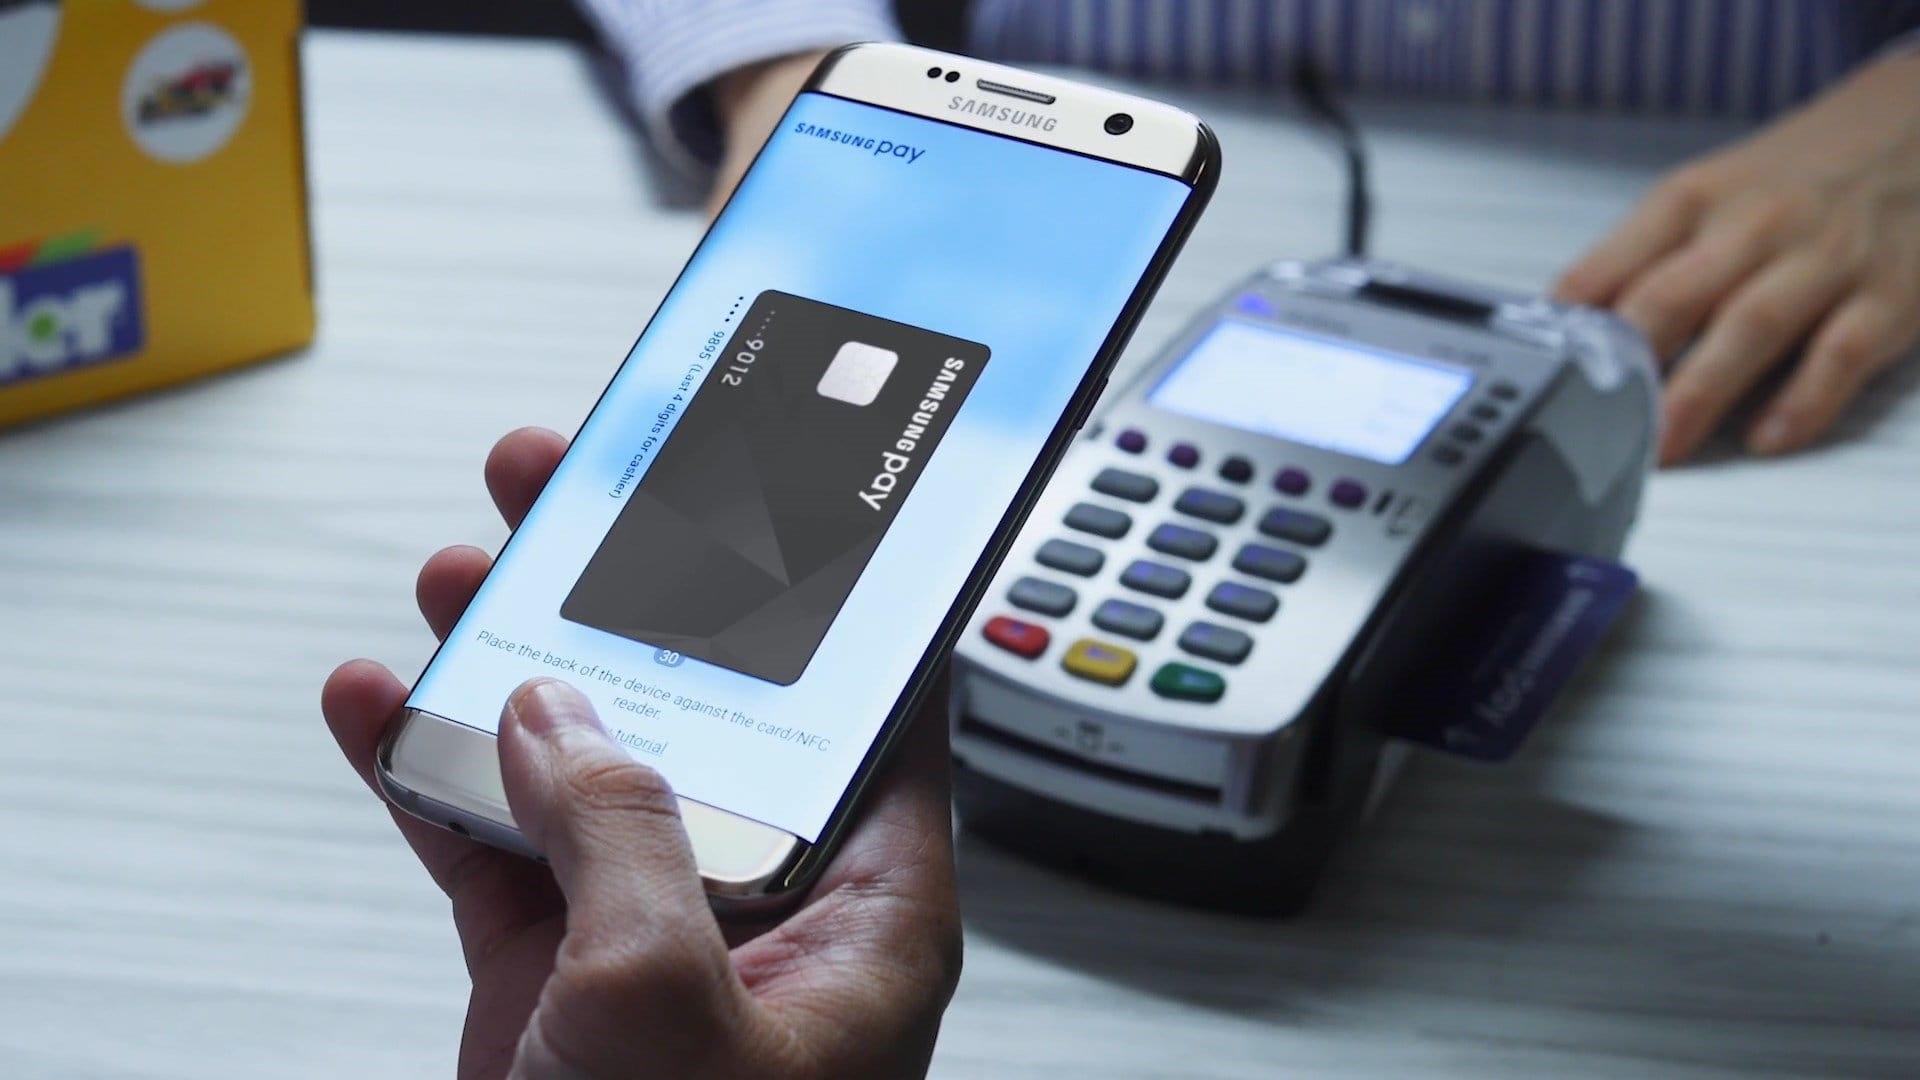 Московский кредитный банк внедрил сервис Samsung Pay на картах «Мир»